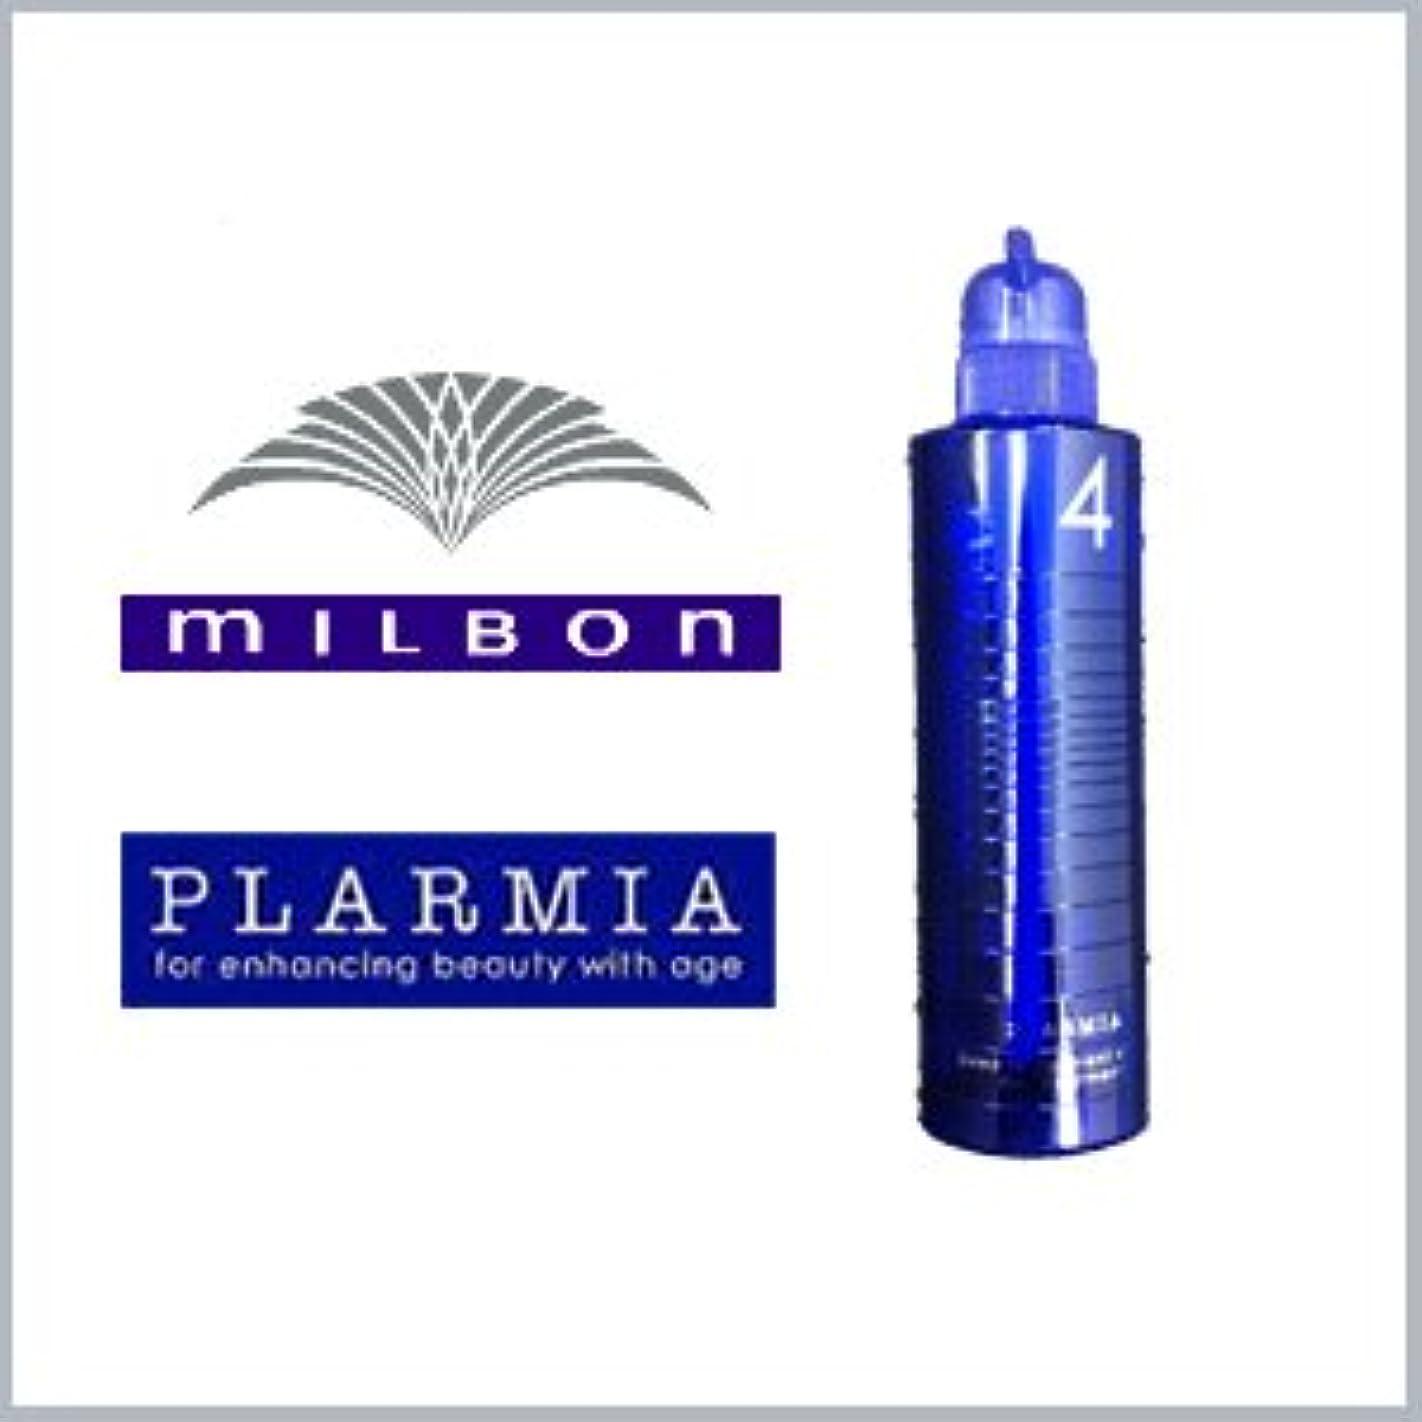 猟犬空気線形ミルボン プラーミア ディープエナジメント4 空容器 500g